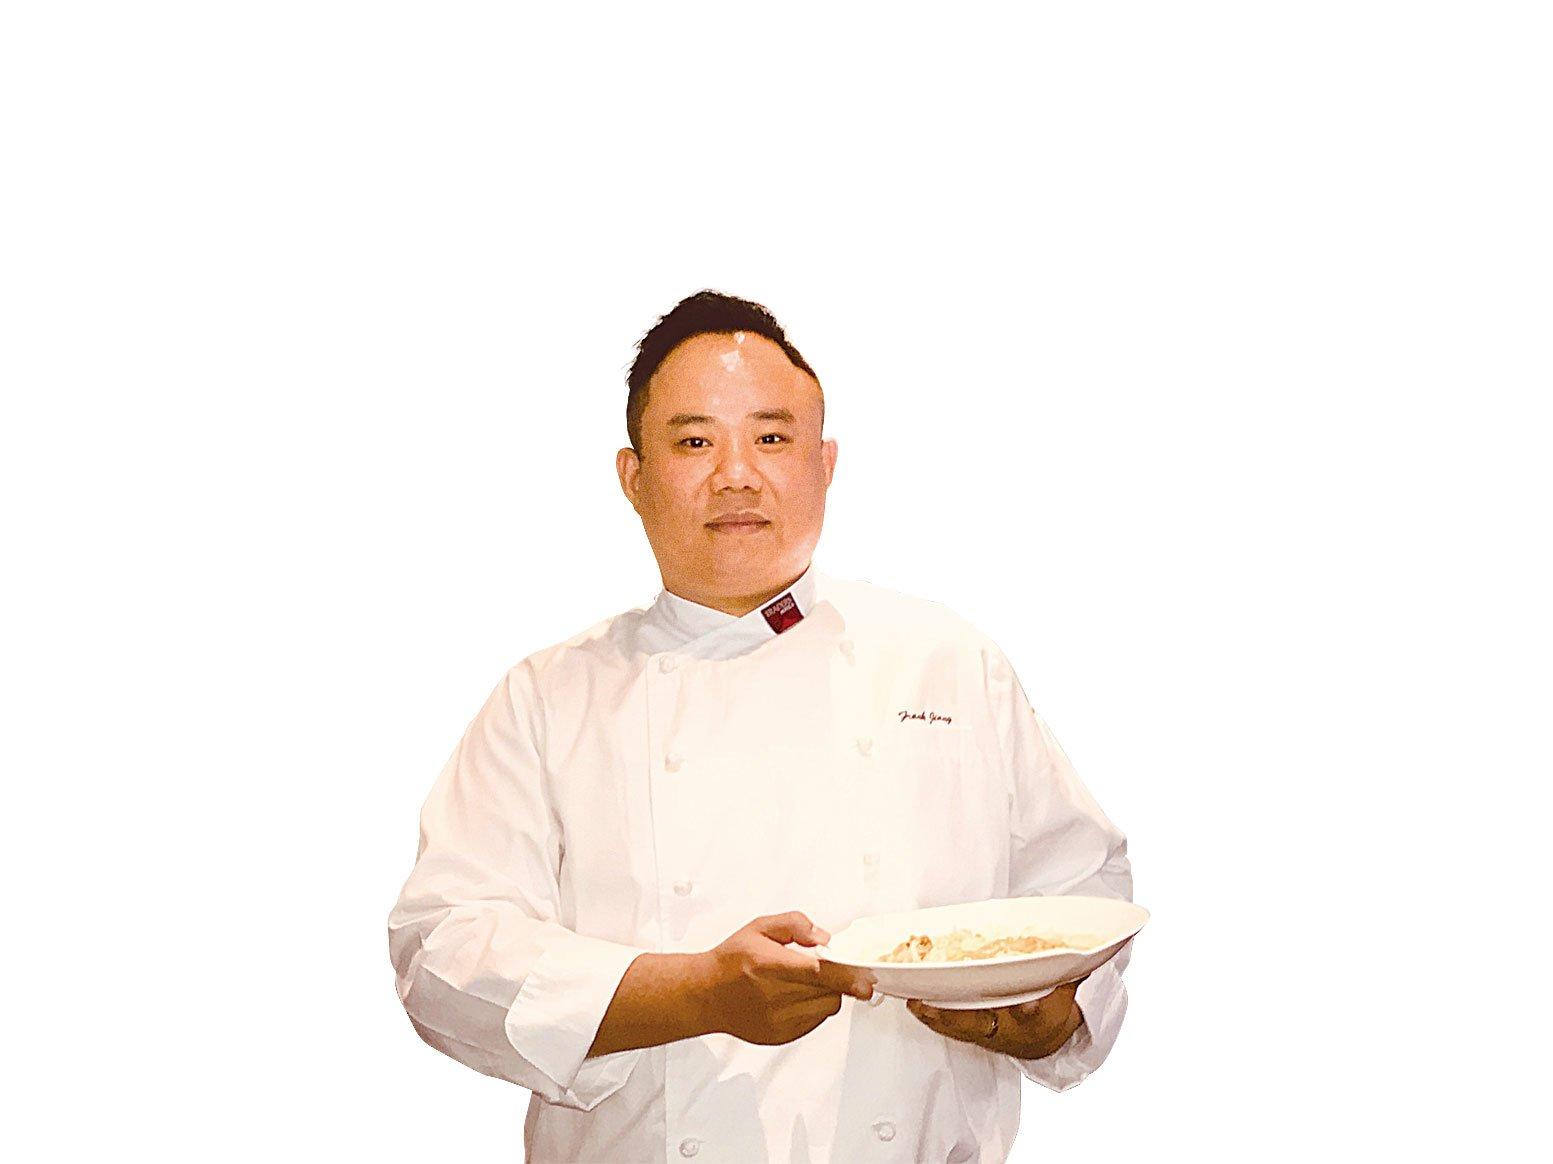 姜寧做菜講究活、鮮、燙,認為這些要素是中餐的靈魂。